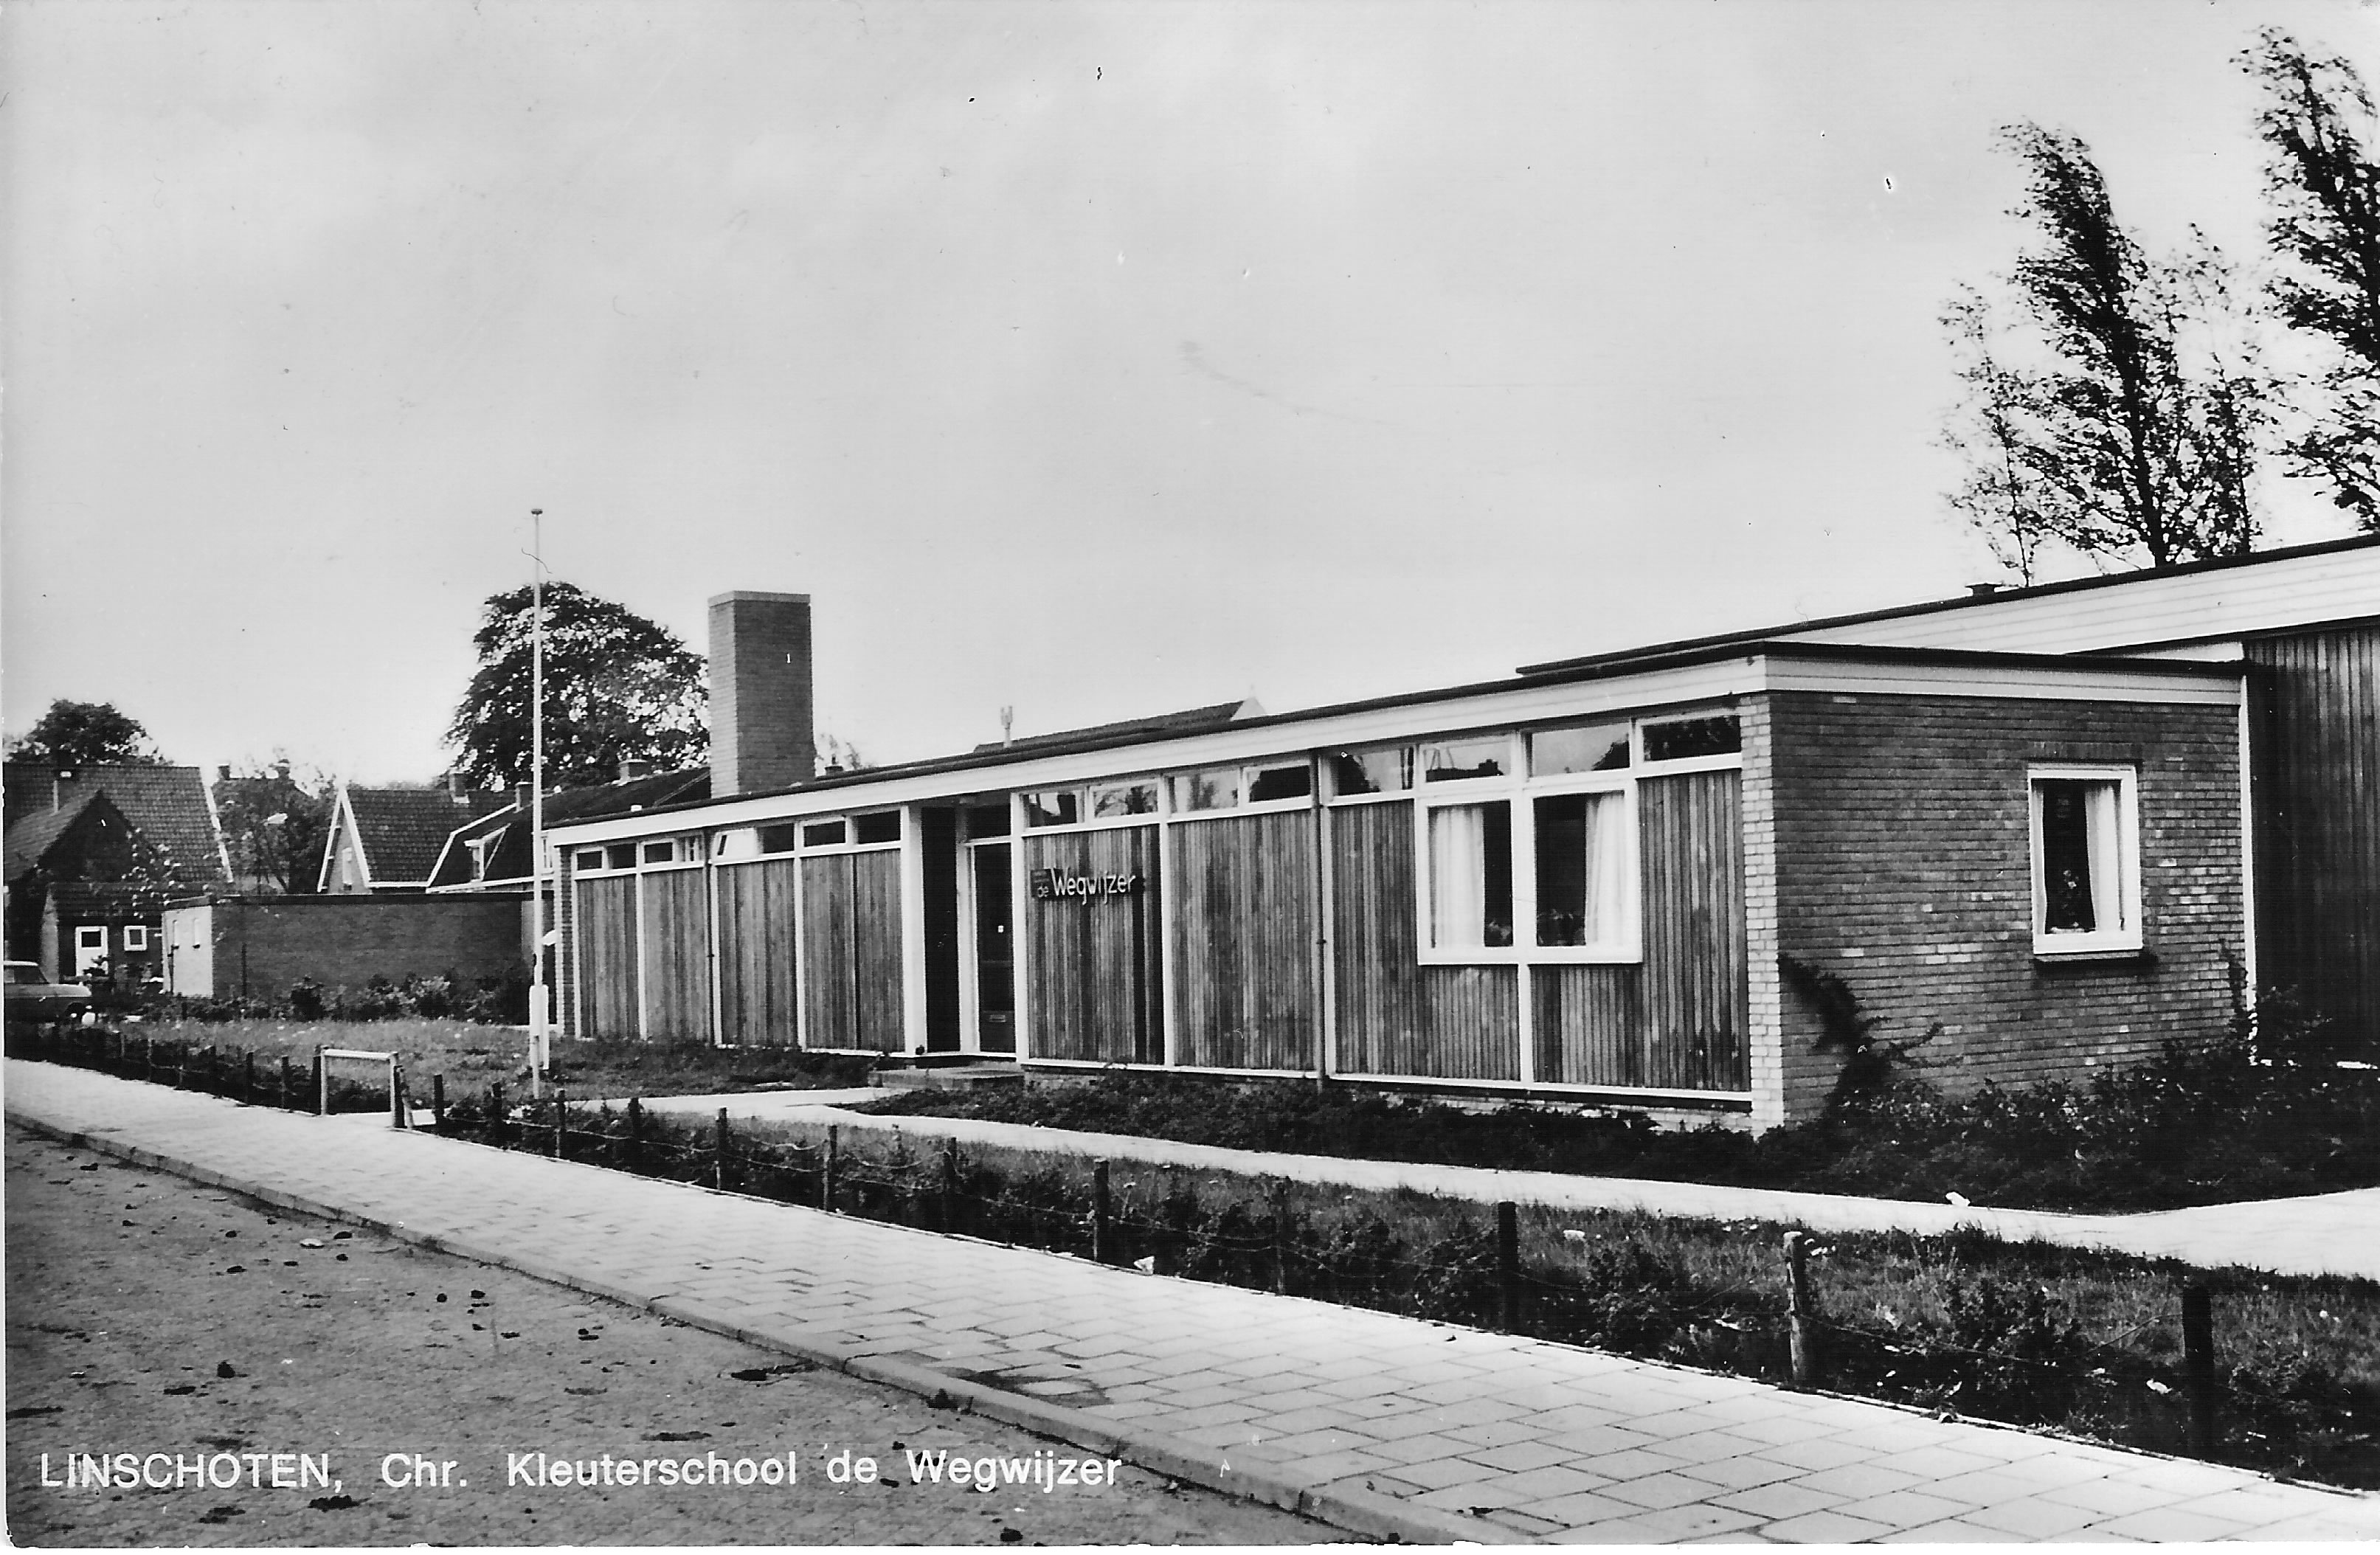 kleuterschool de Wegwijzer circa 1980